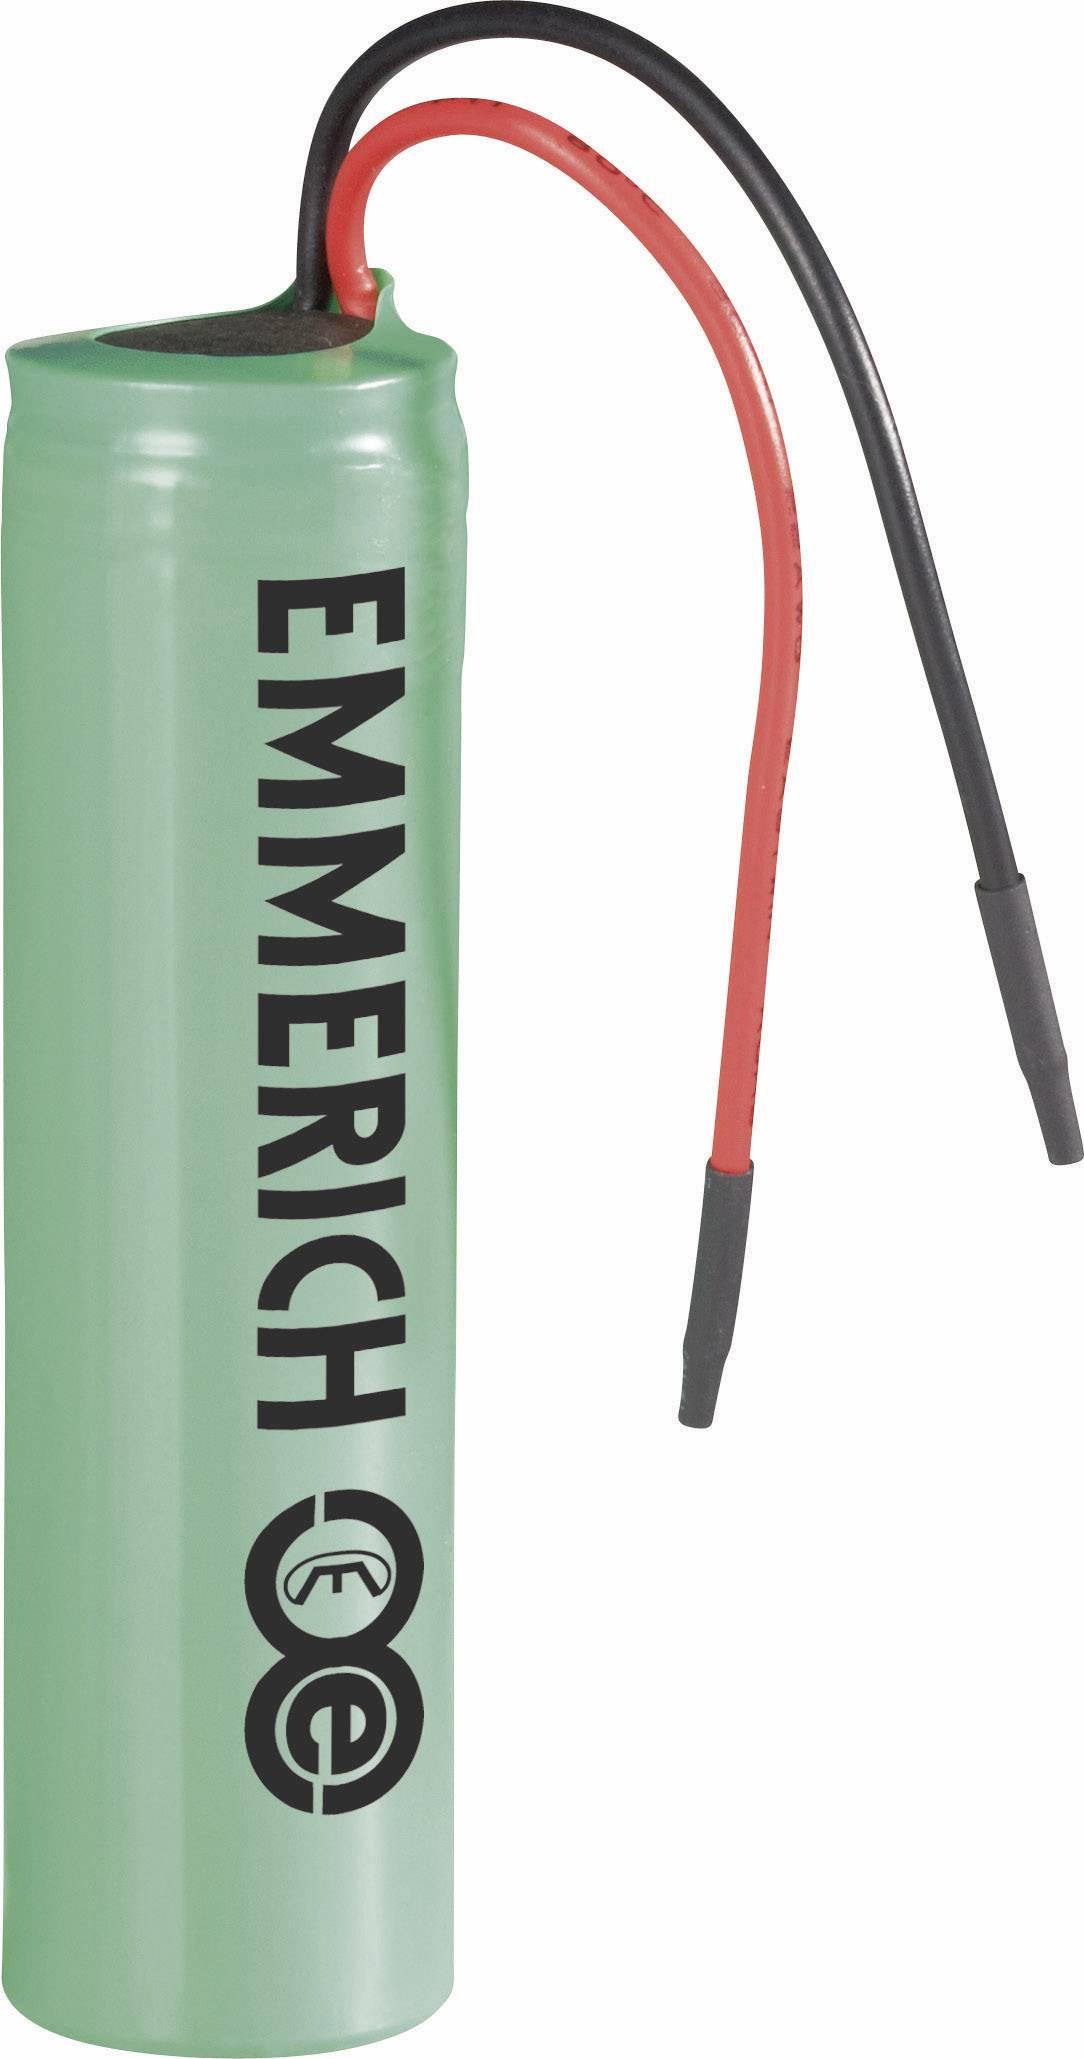 Špeciálny akumulátor Emmerich ICR-18650NH-SP, 18650, Li-Ion akumulátor, 3.7 V, 2200 mAh